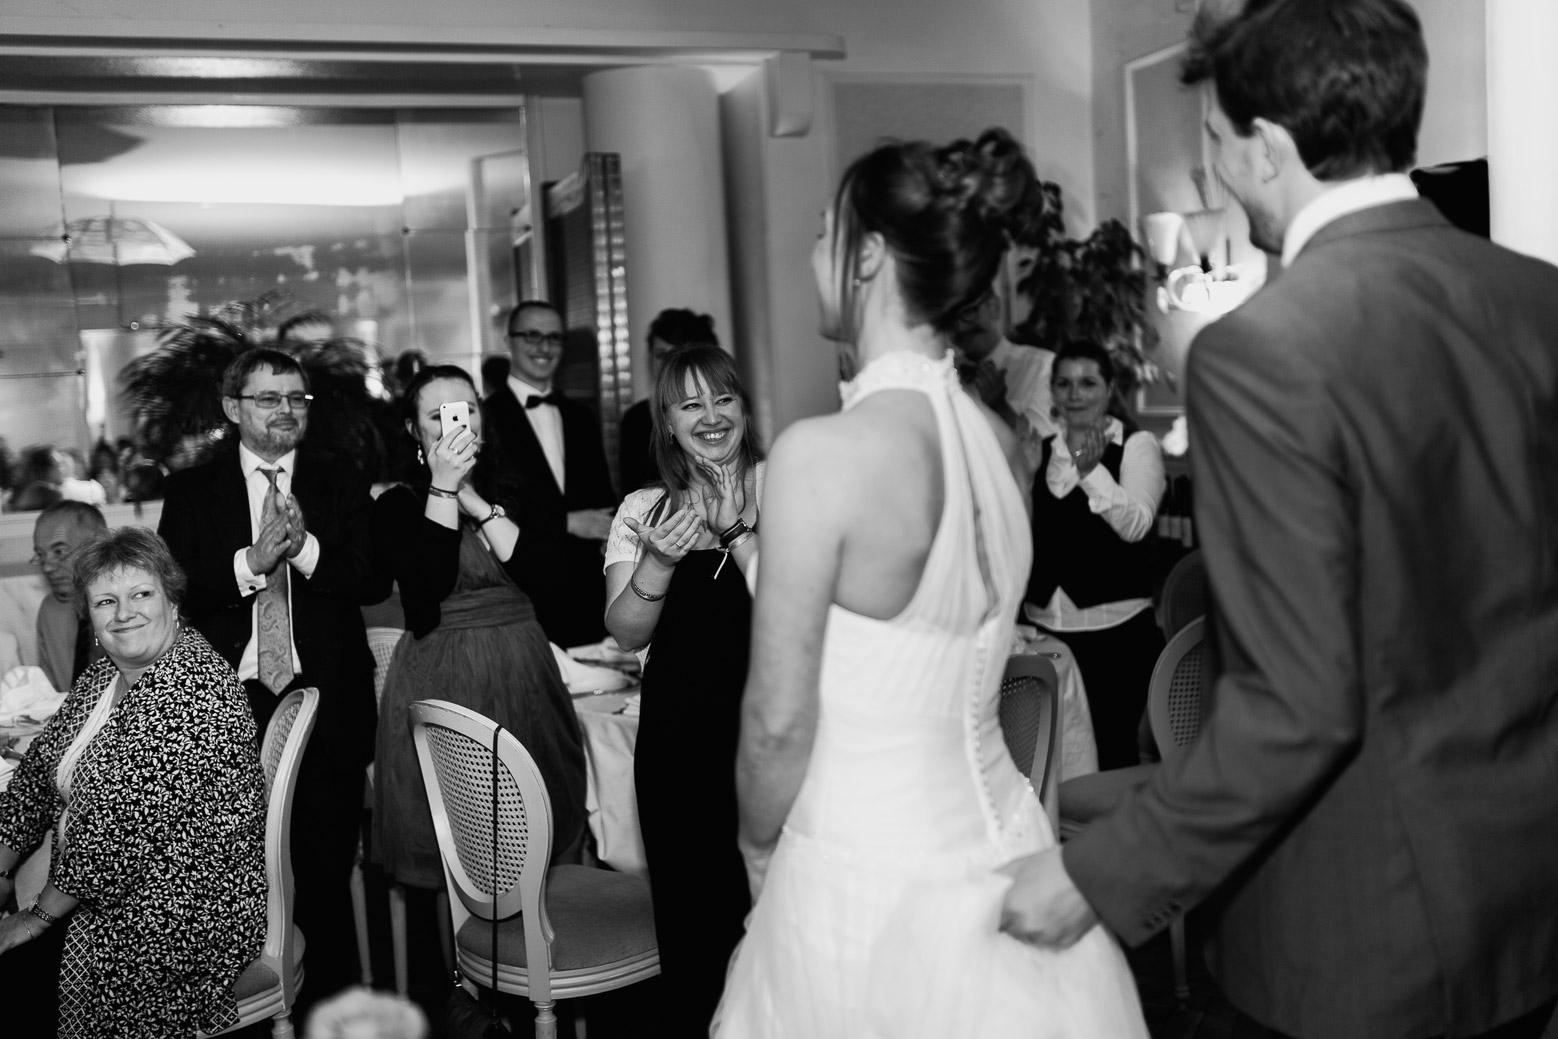 Hotel Royal Saint Mart Royat Clermont Ferrand Entrée des mariés dans la salle